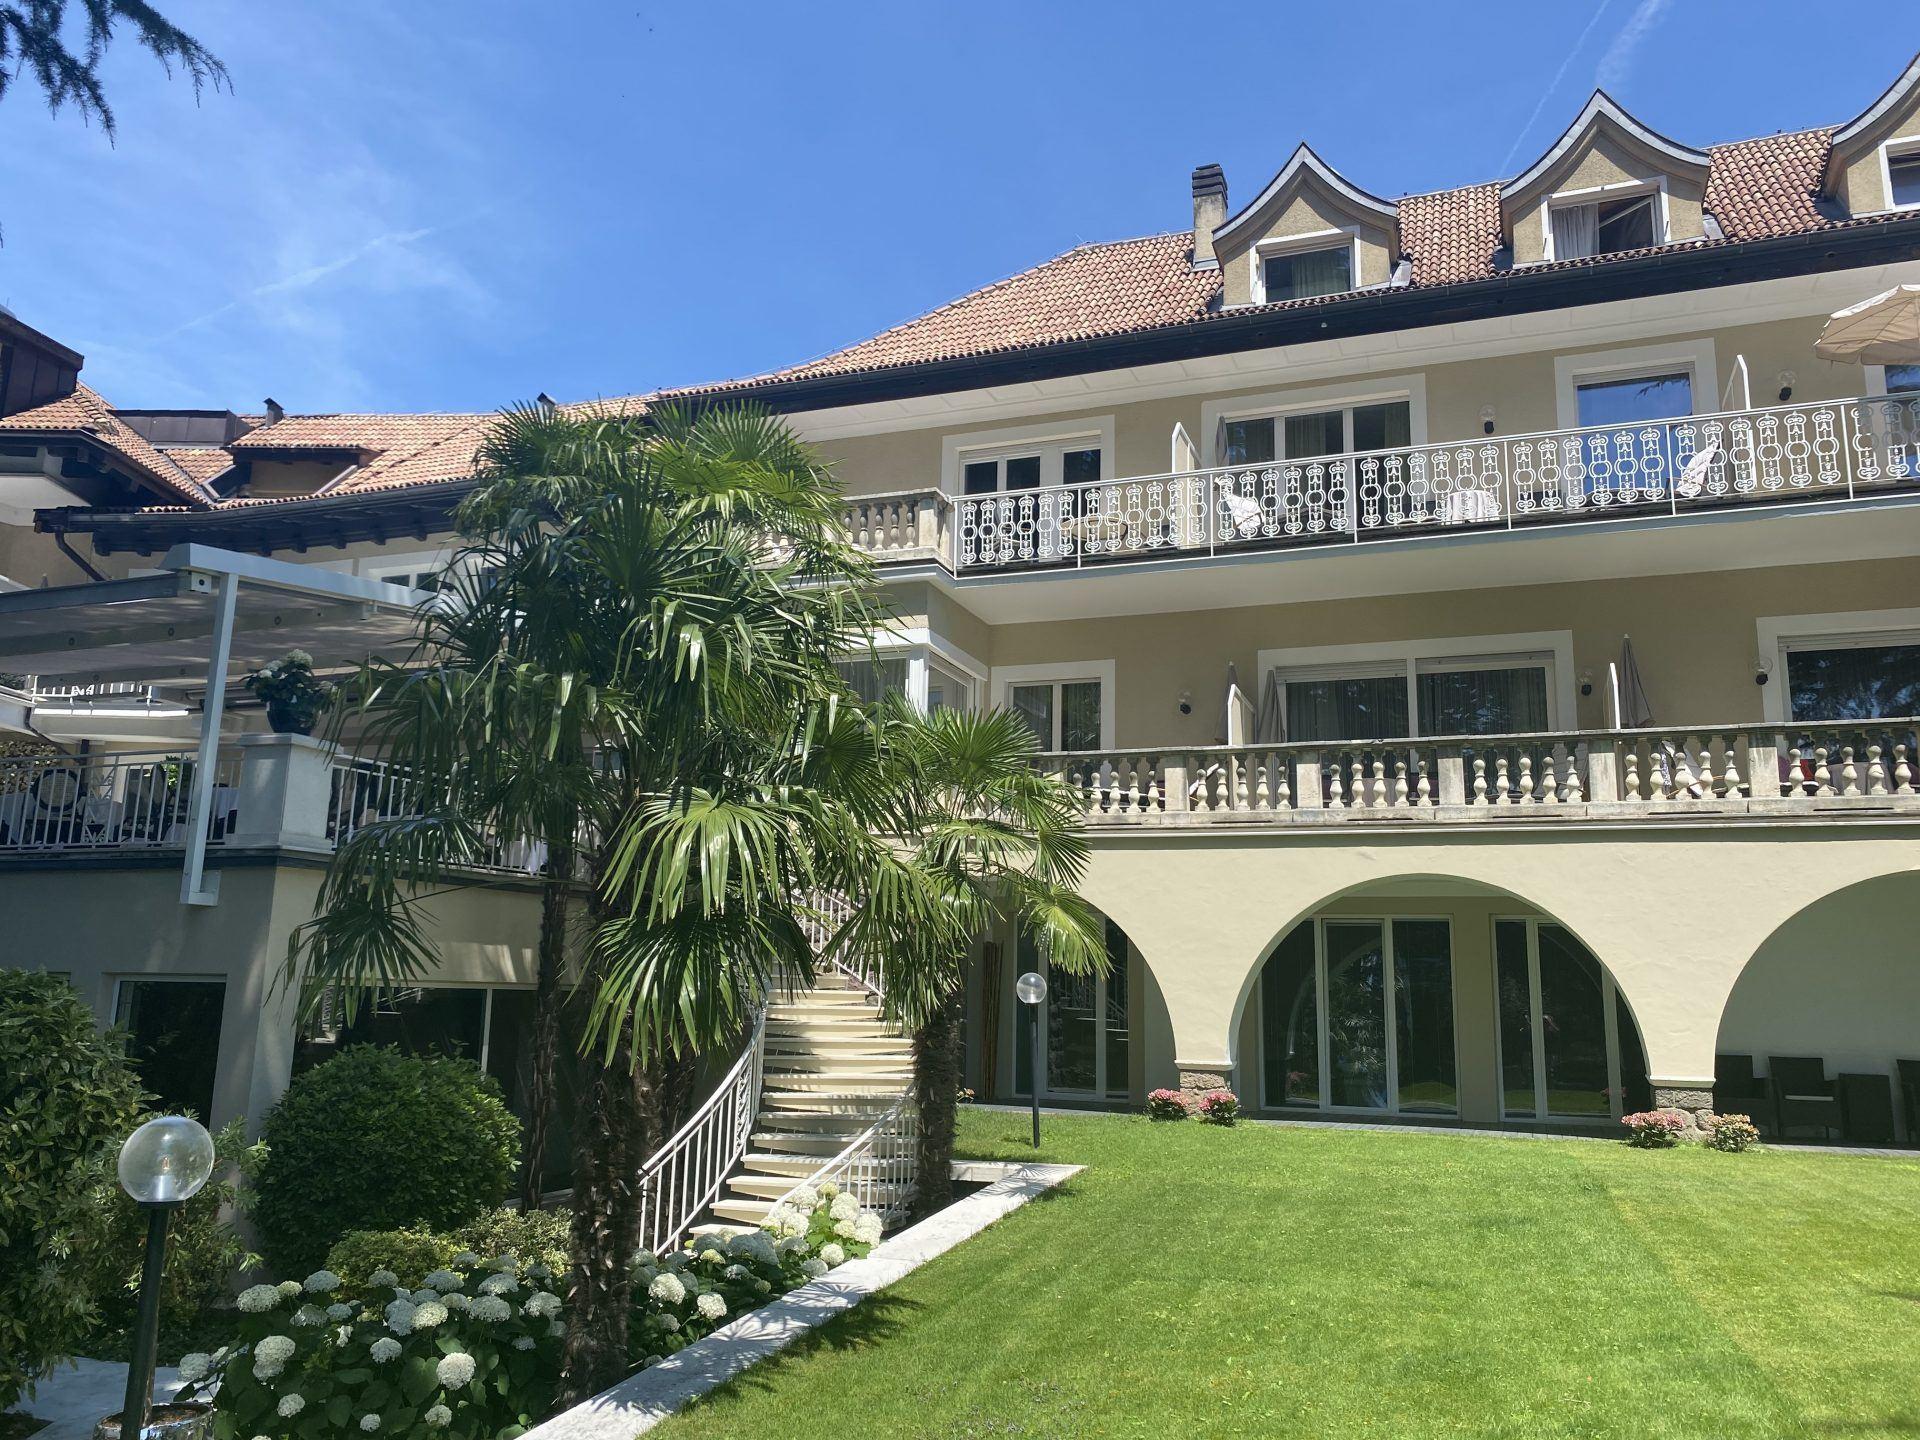 Villa Eden Aussenansicht 1920x1440 - Historischer Villenflair in Südtirol